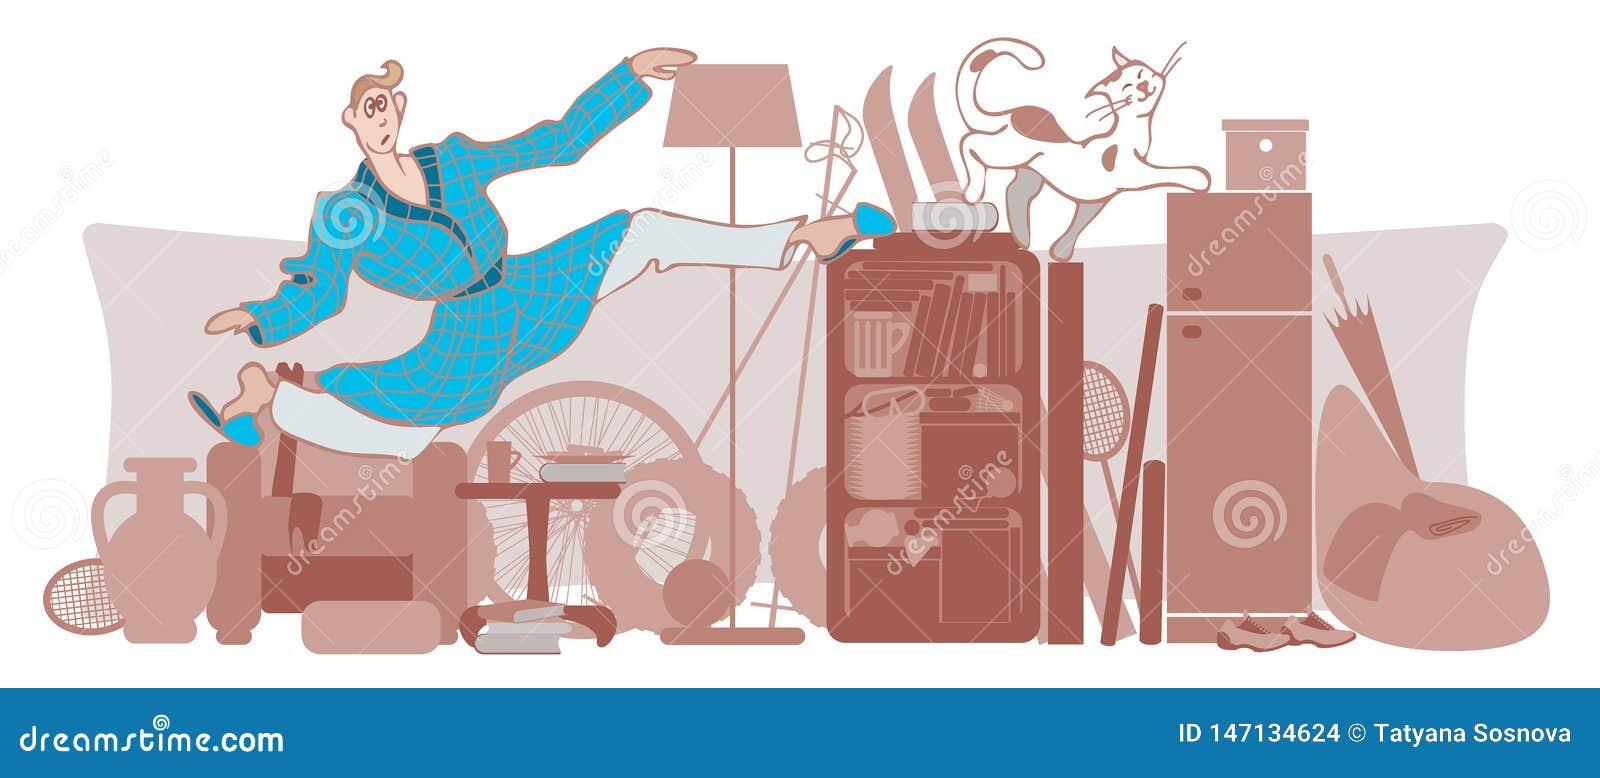 De vector de man en de kat beweegt zich rond een volgestopt huis